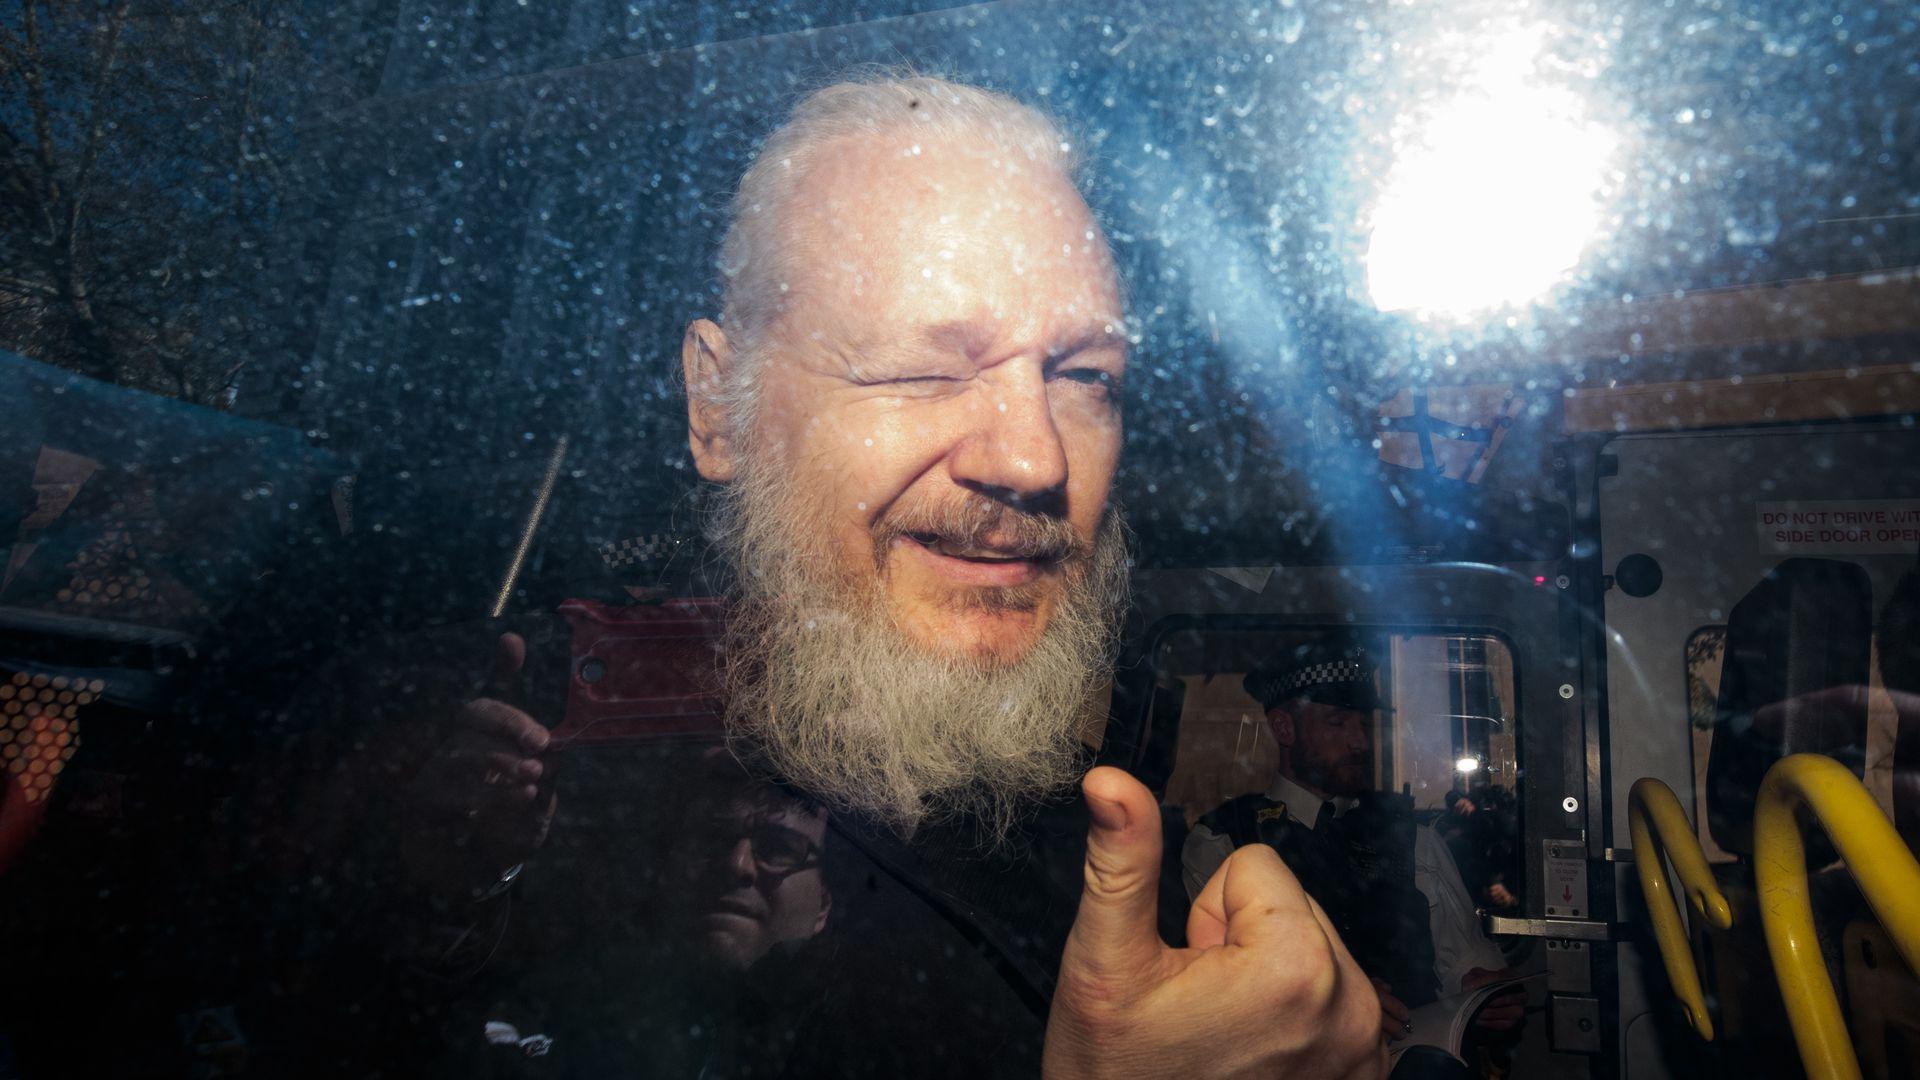 Власти США выдвинули против Джулиана Ассанджа новые обвинения в сговоре с участниками Anonymous и LulzSec.